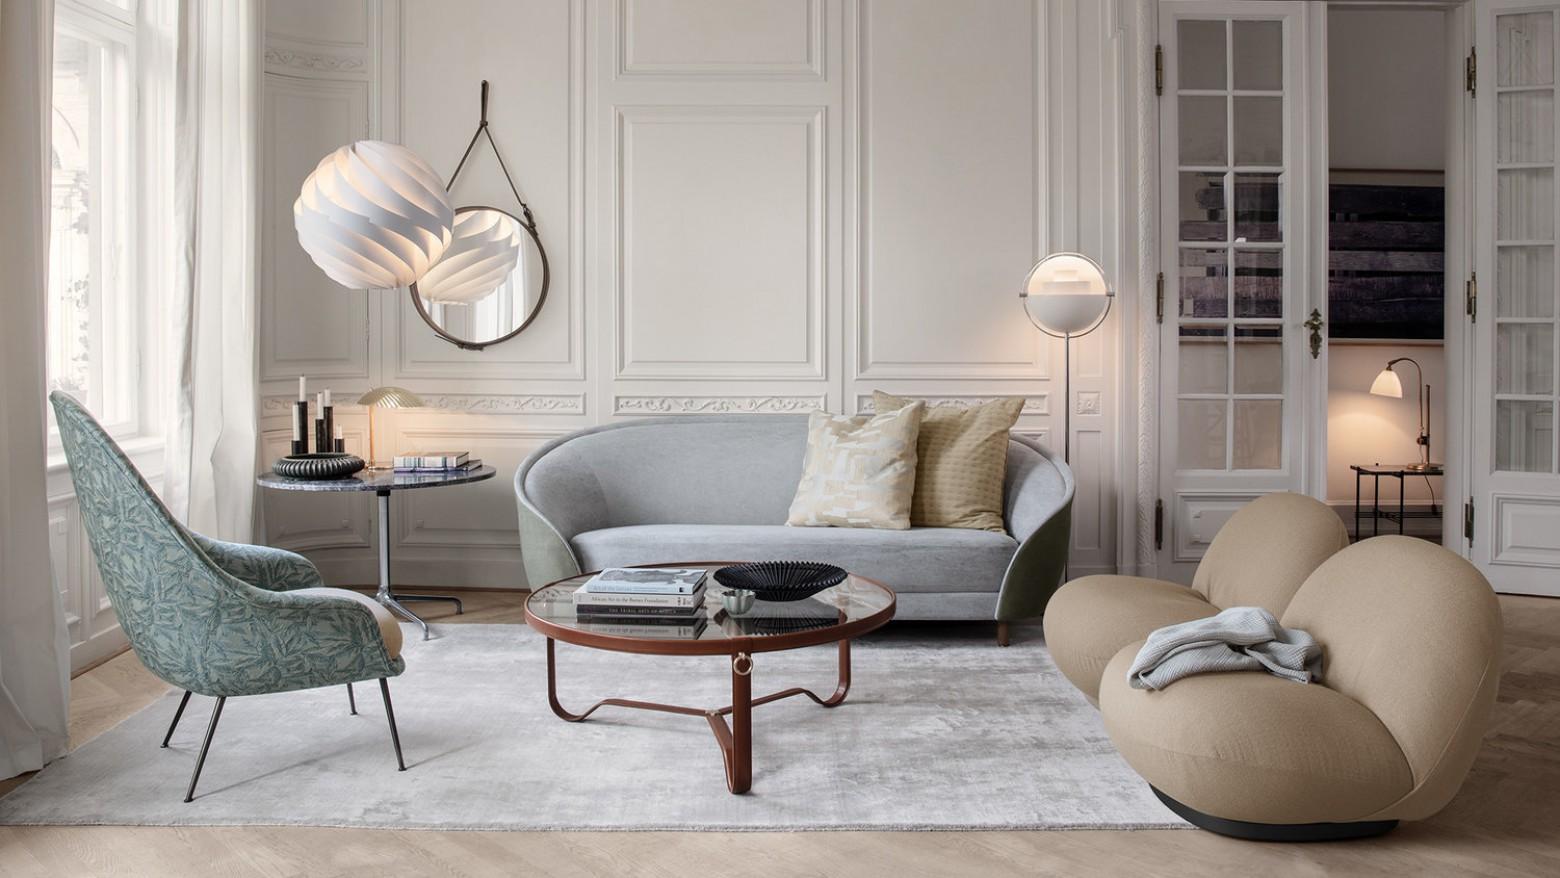 GUBI prijslijst 2019 verwacht per 1 Maart 2019. Foto: Pacha chair - Bat Lounge - Adnet Coffee Table  Victors Design Agency